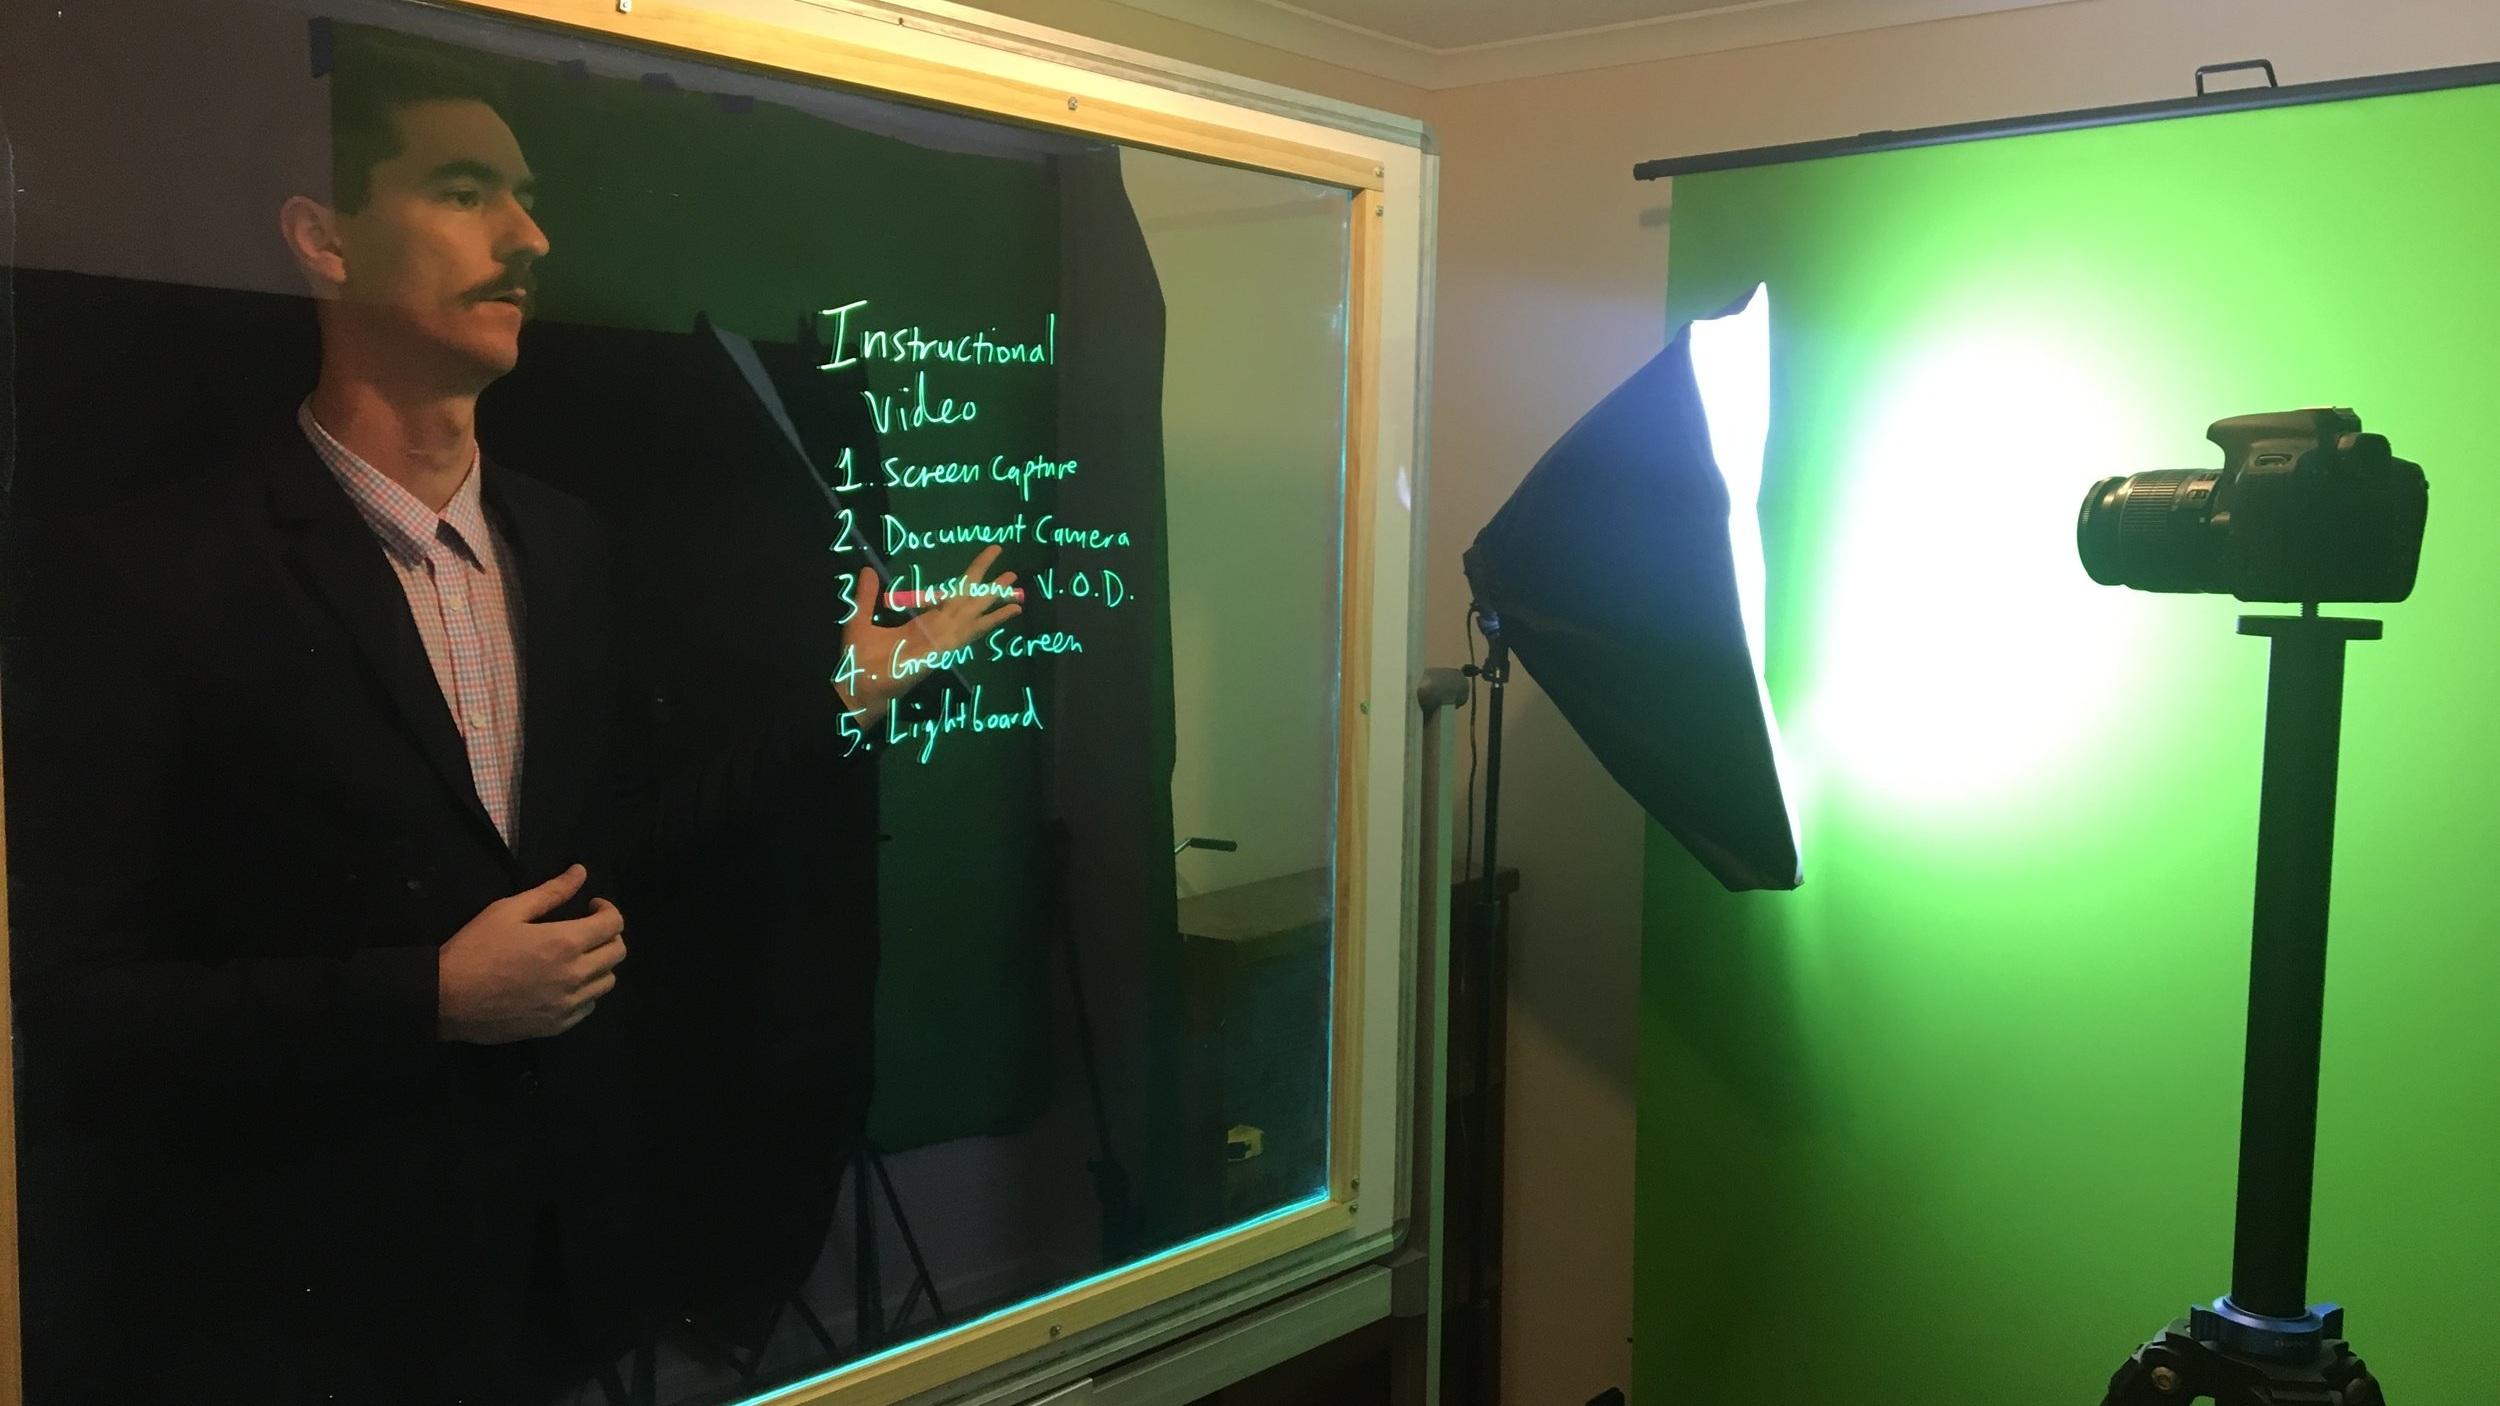 Lightboard+-+Steven+Kolber+-+Presenter+Image.jpg